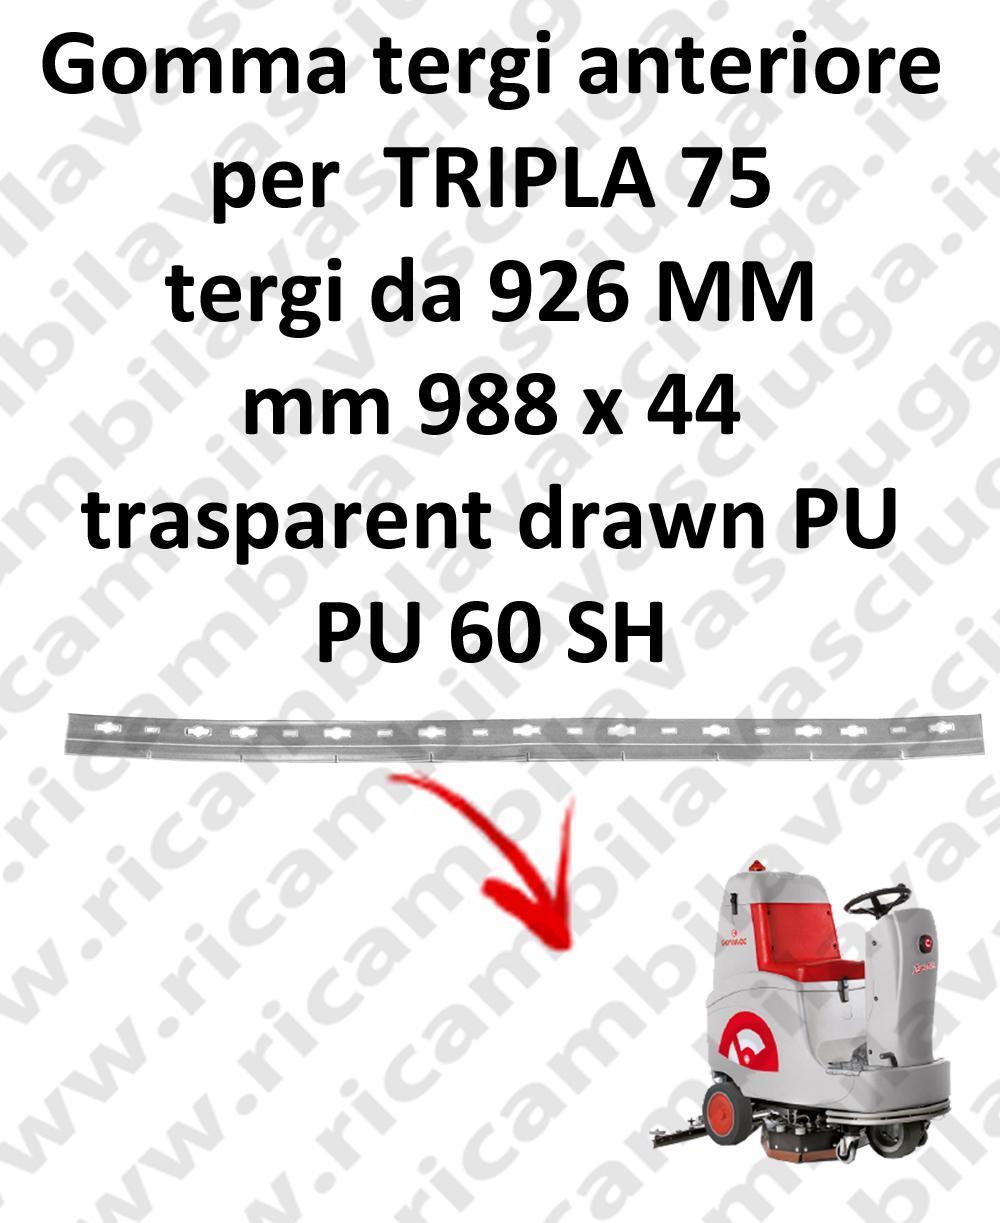 TRIPLA 75 B BAVETTE AVANT pour COMAC rechange autolaveuses suceur